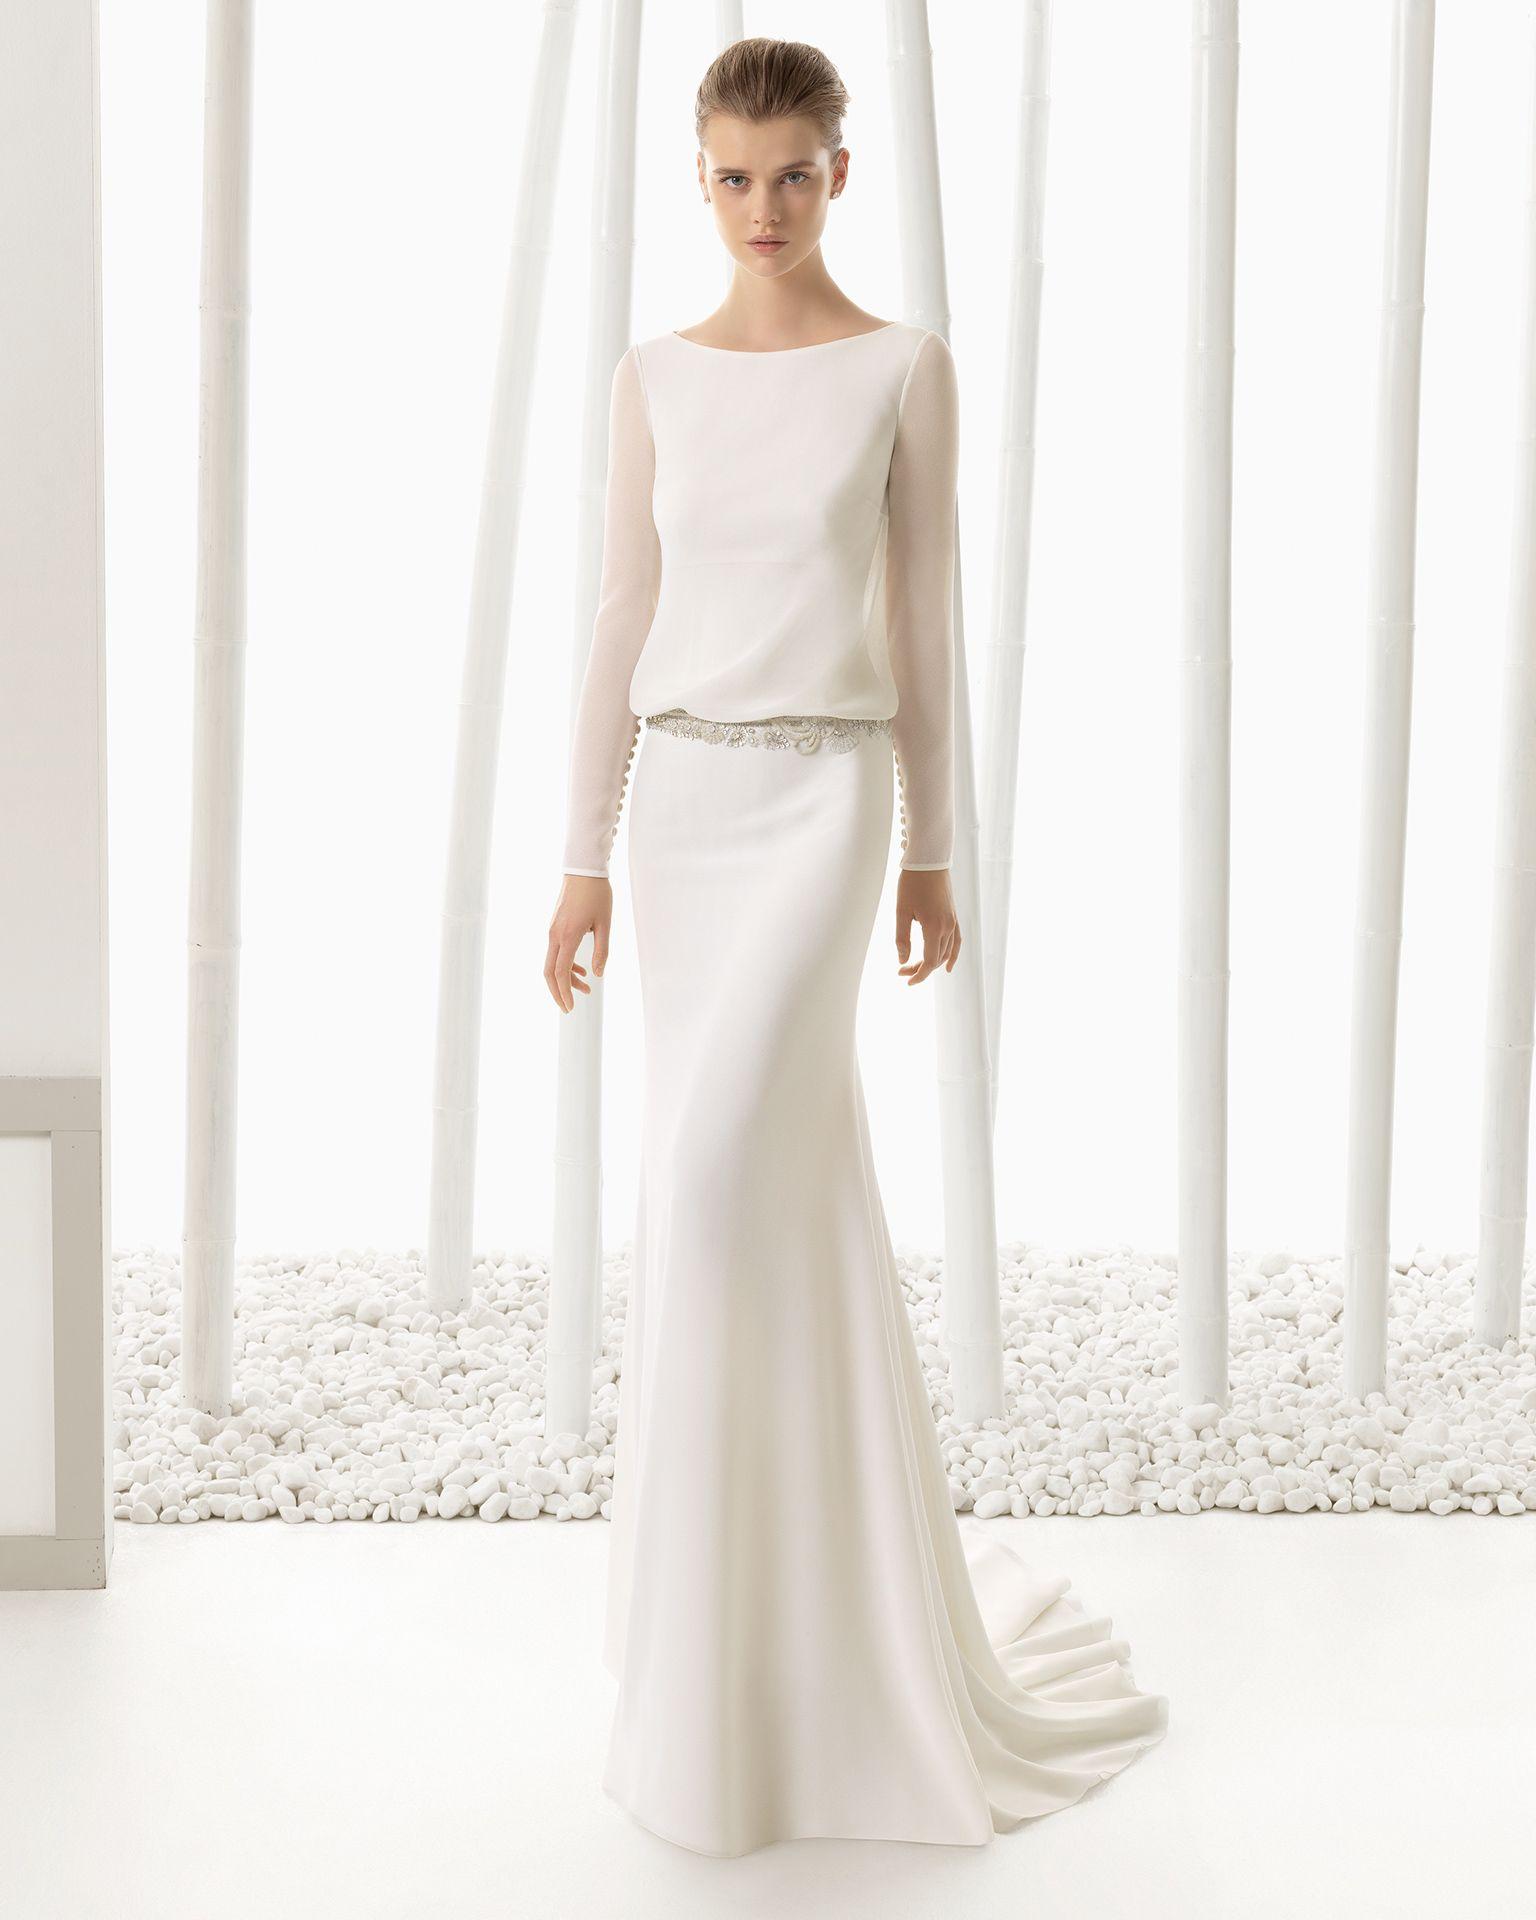 DIGNA vestido de novia Rosa Clará 2016